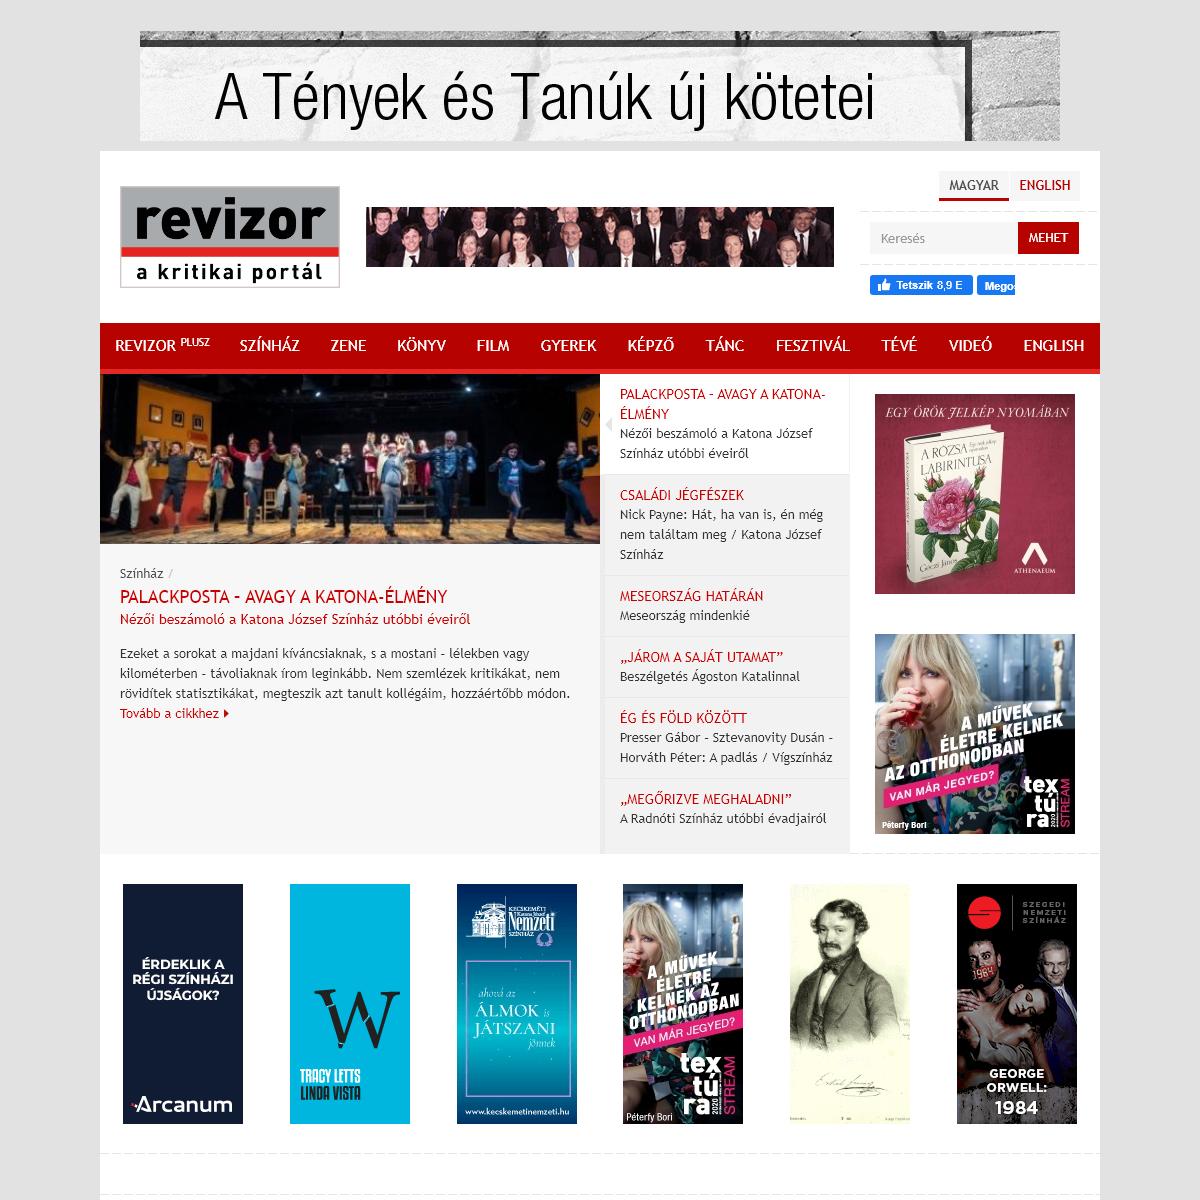 Revizor - a kritikai portál.